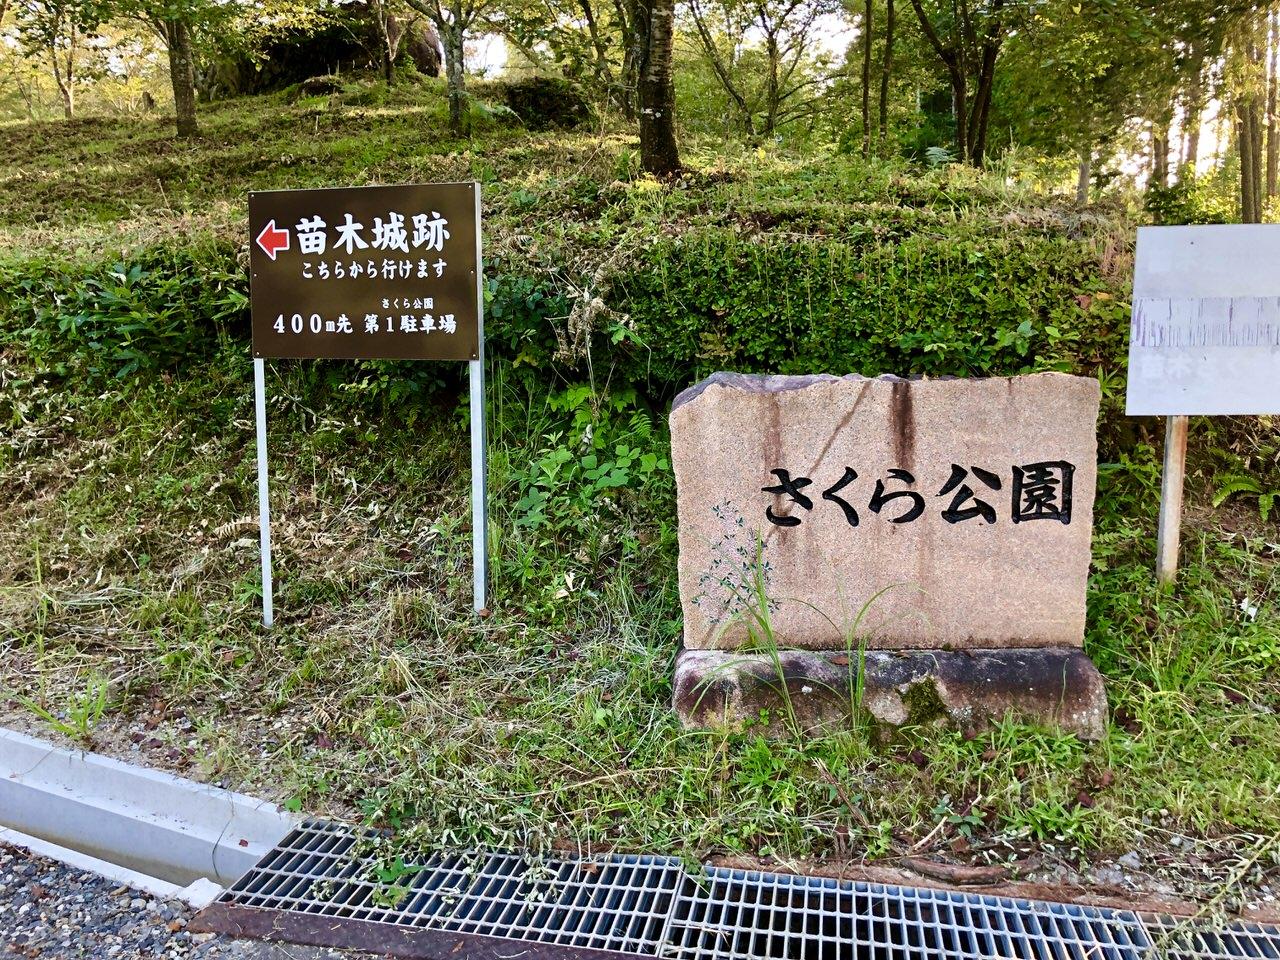 さくら公園の石の看板